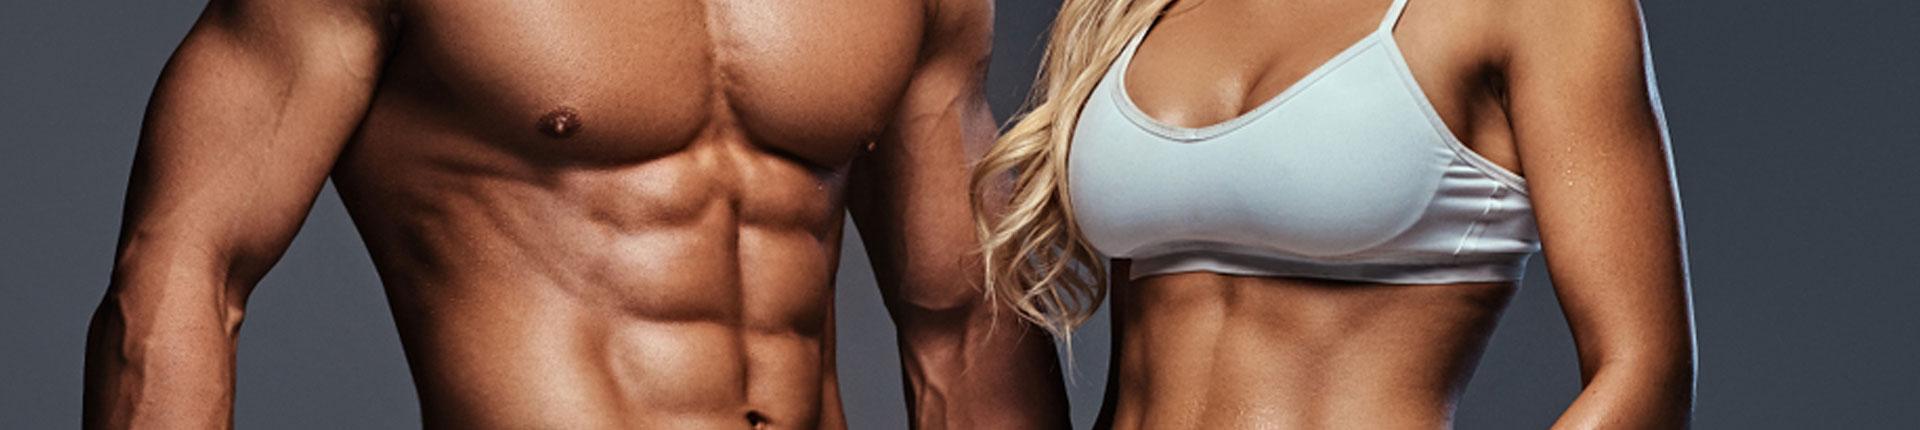 Jak schudnąć bez diety, jak utrzymać szczupłą sylwetkę?